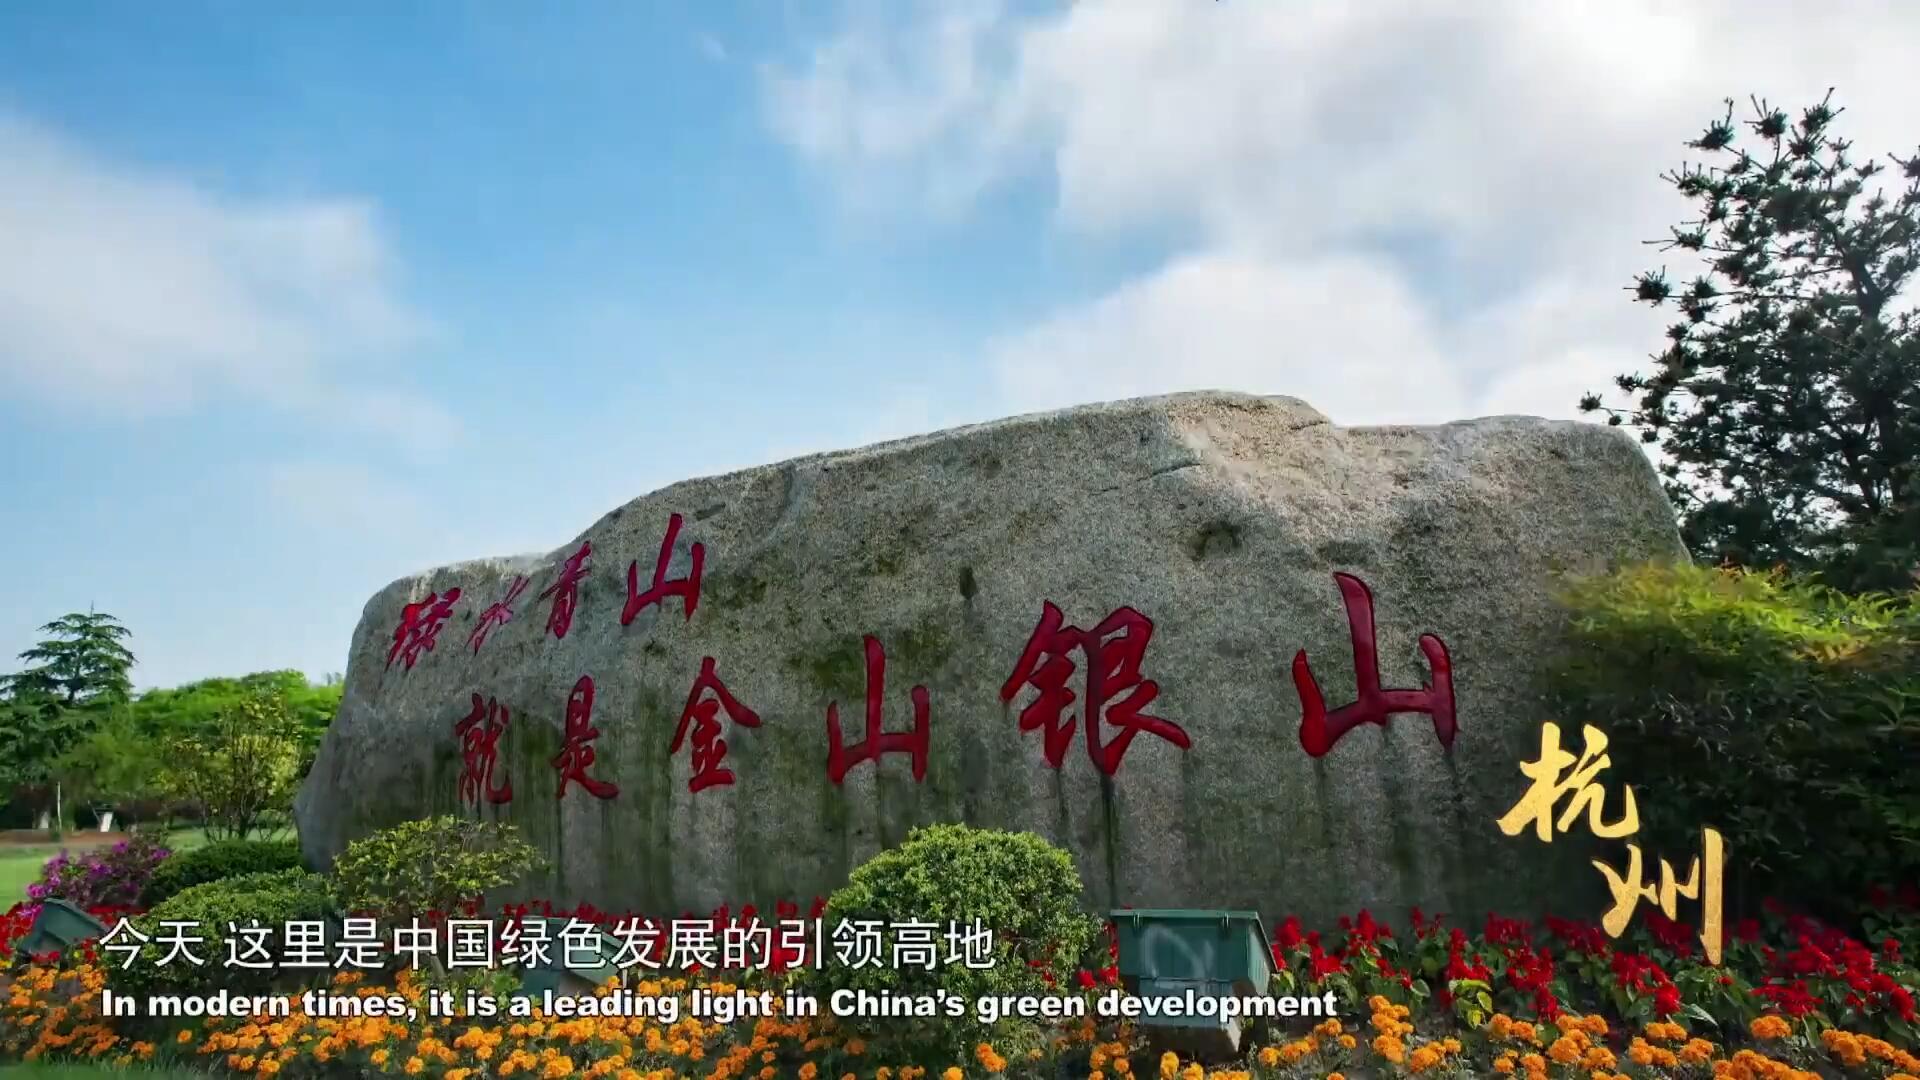 《古今杭州》G20杭州峰会系列宣传片【浙江卫视官方超清】